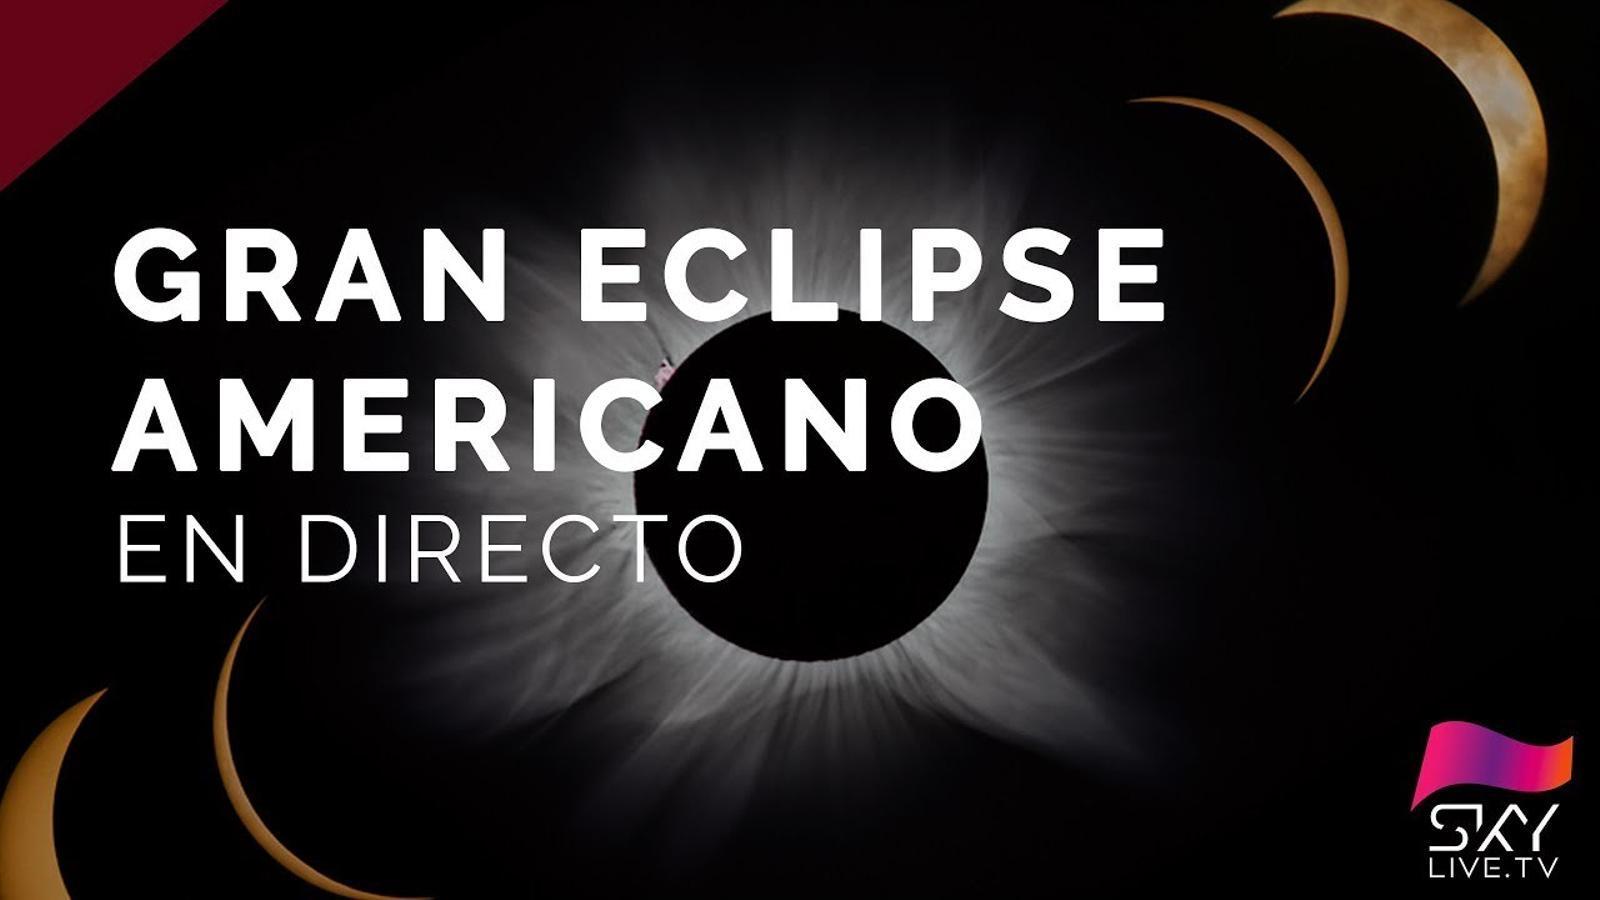 L'eclipsi solar, en directe